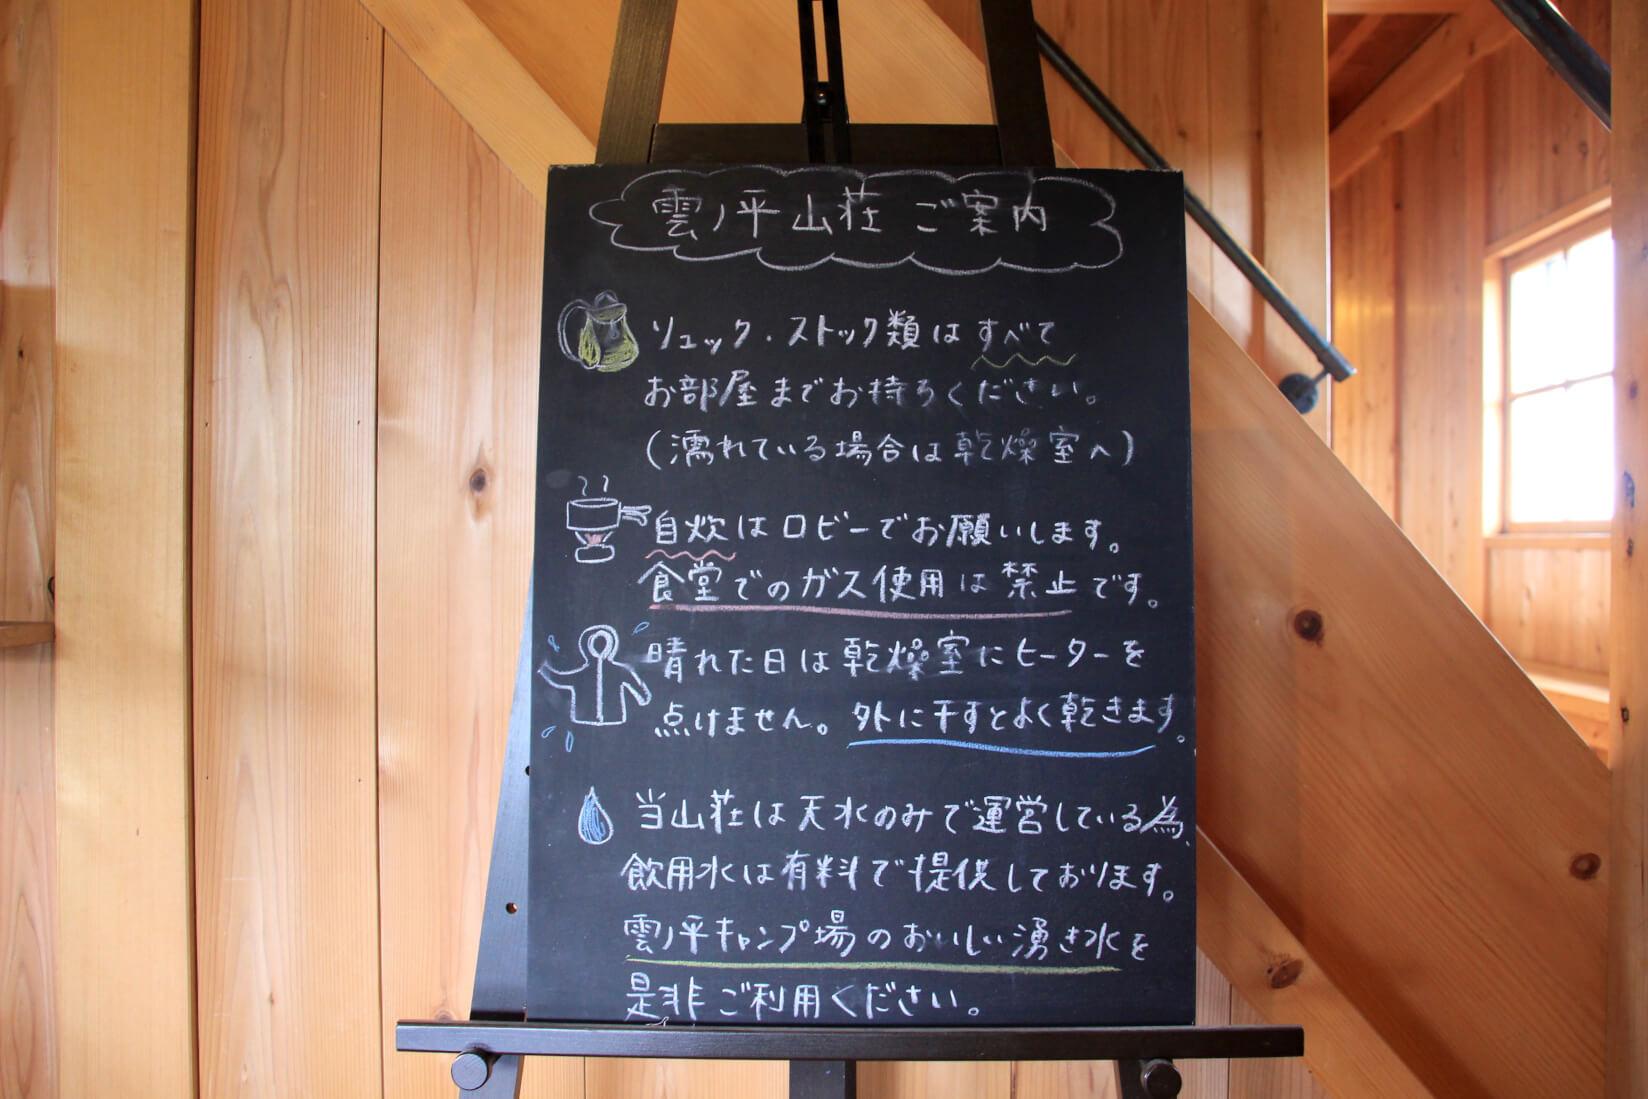 雲ノ平山荘ご案内